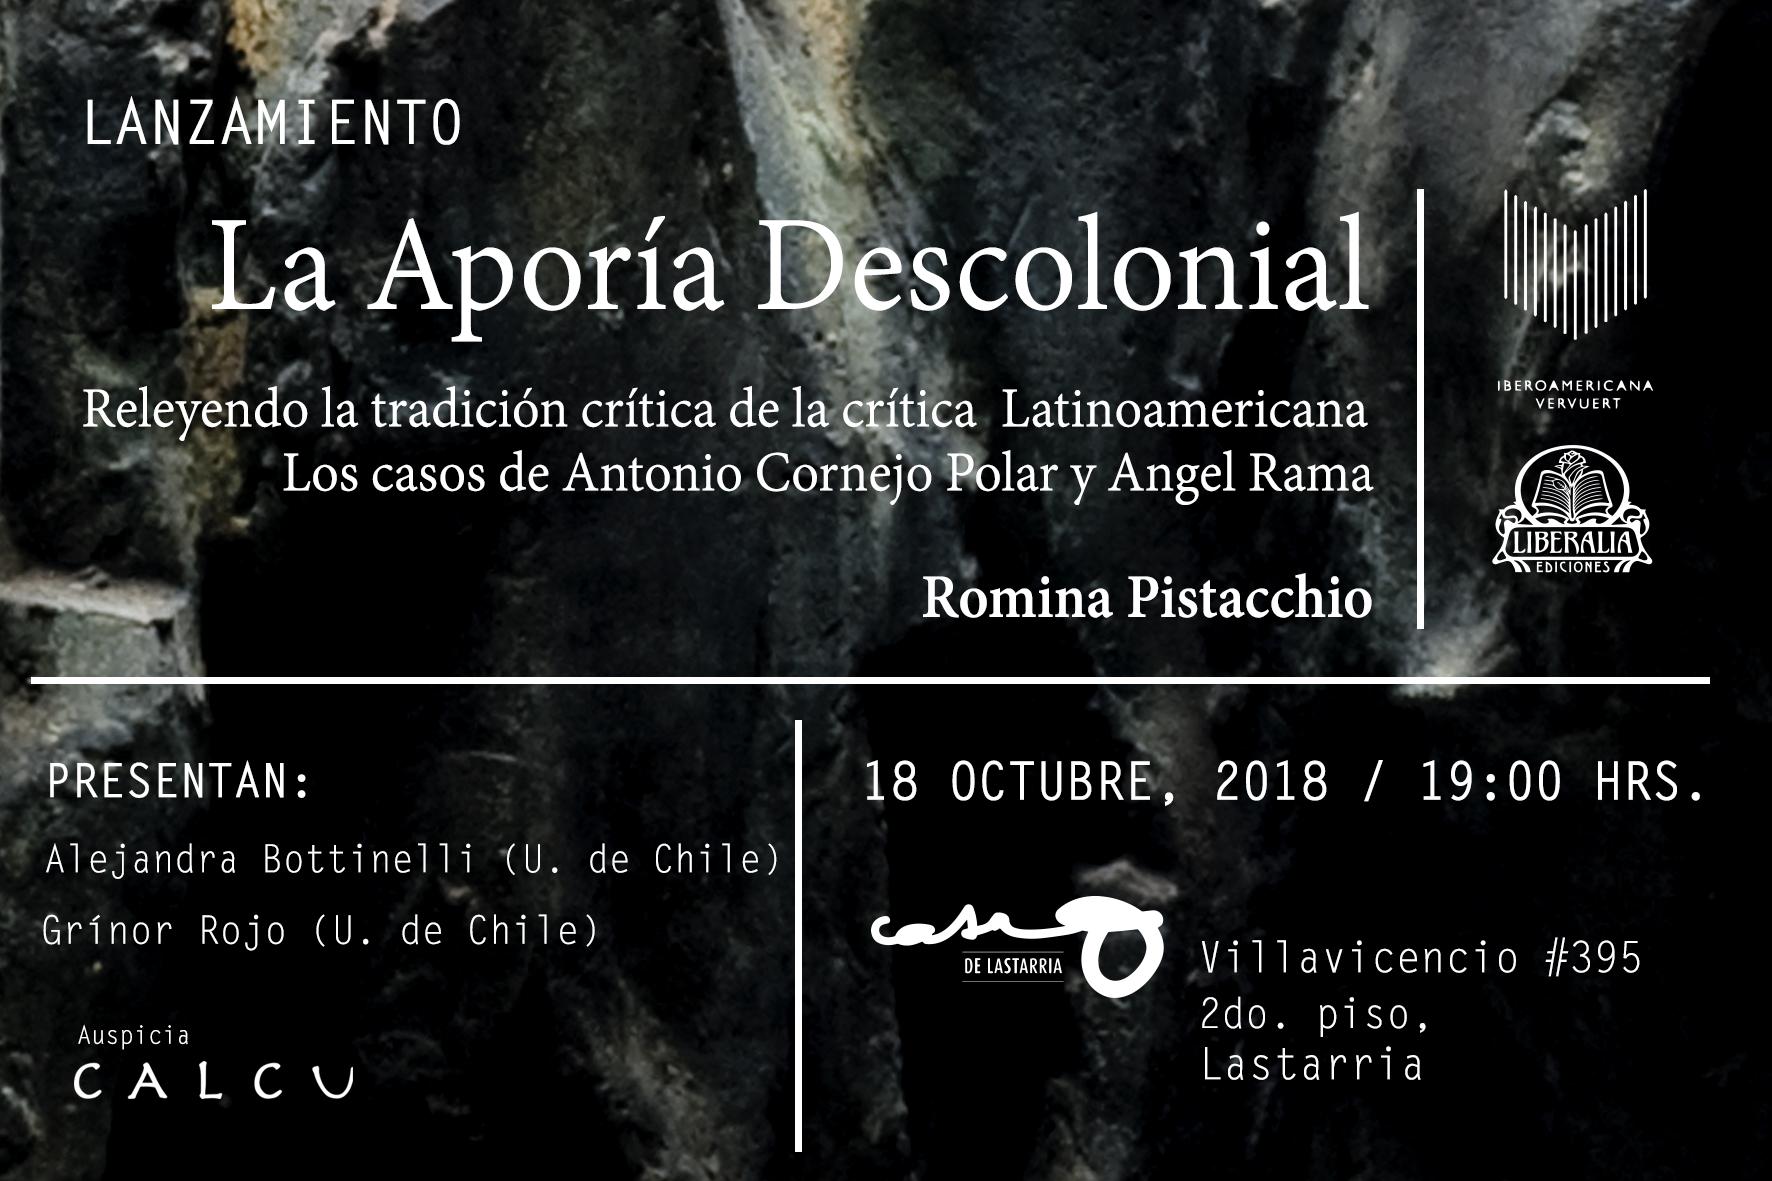 Presentación de la Aporía Descolonial